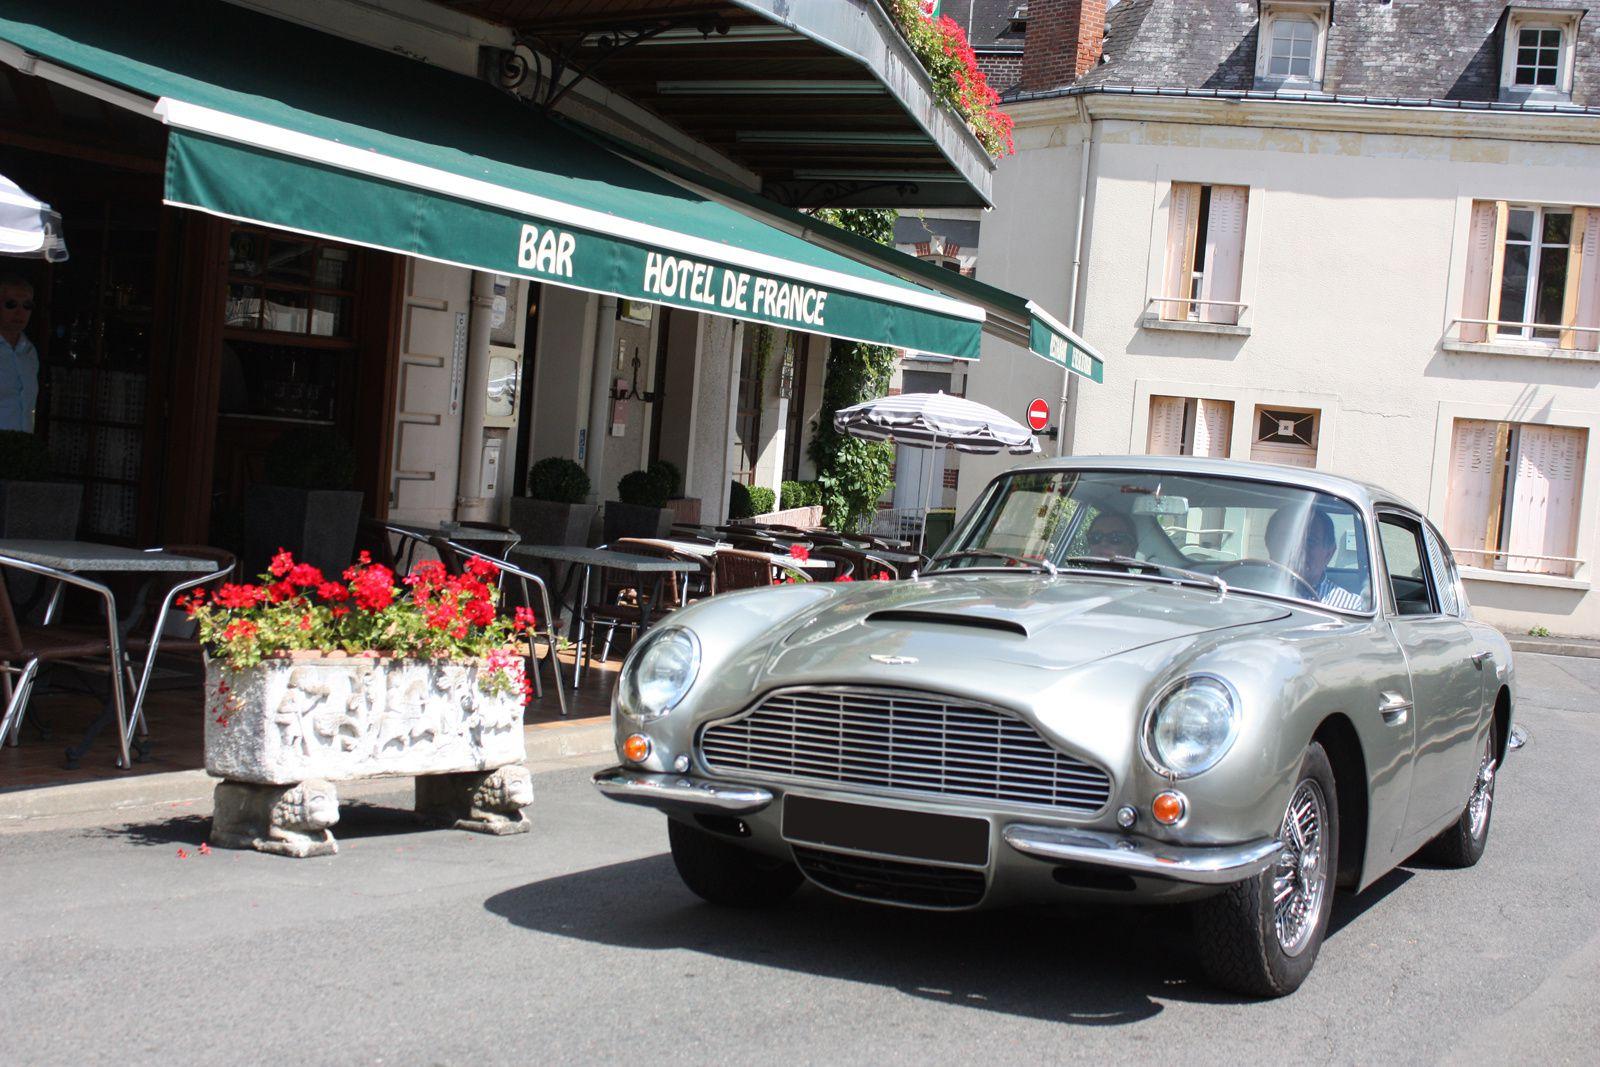 Balade à l'Hôtel de France - La Chartre-sur-le-Loir